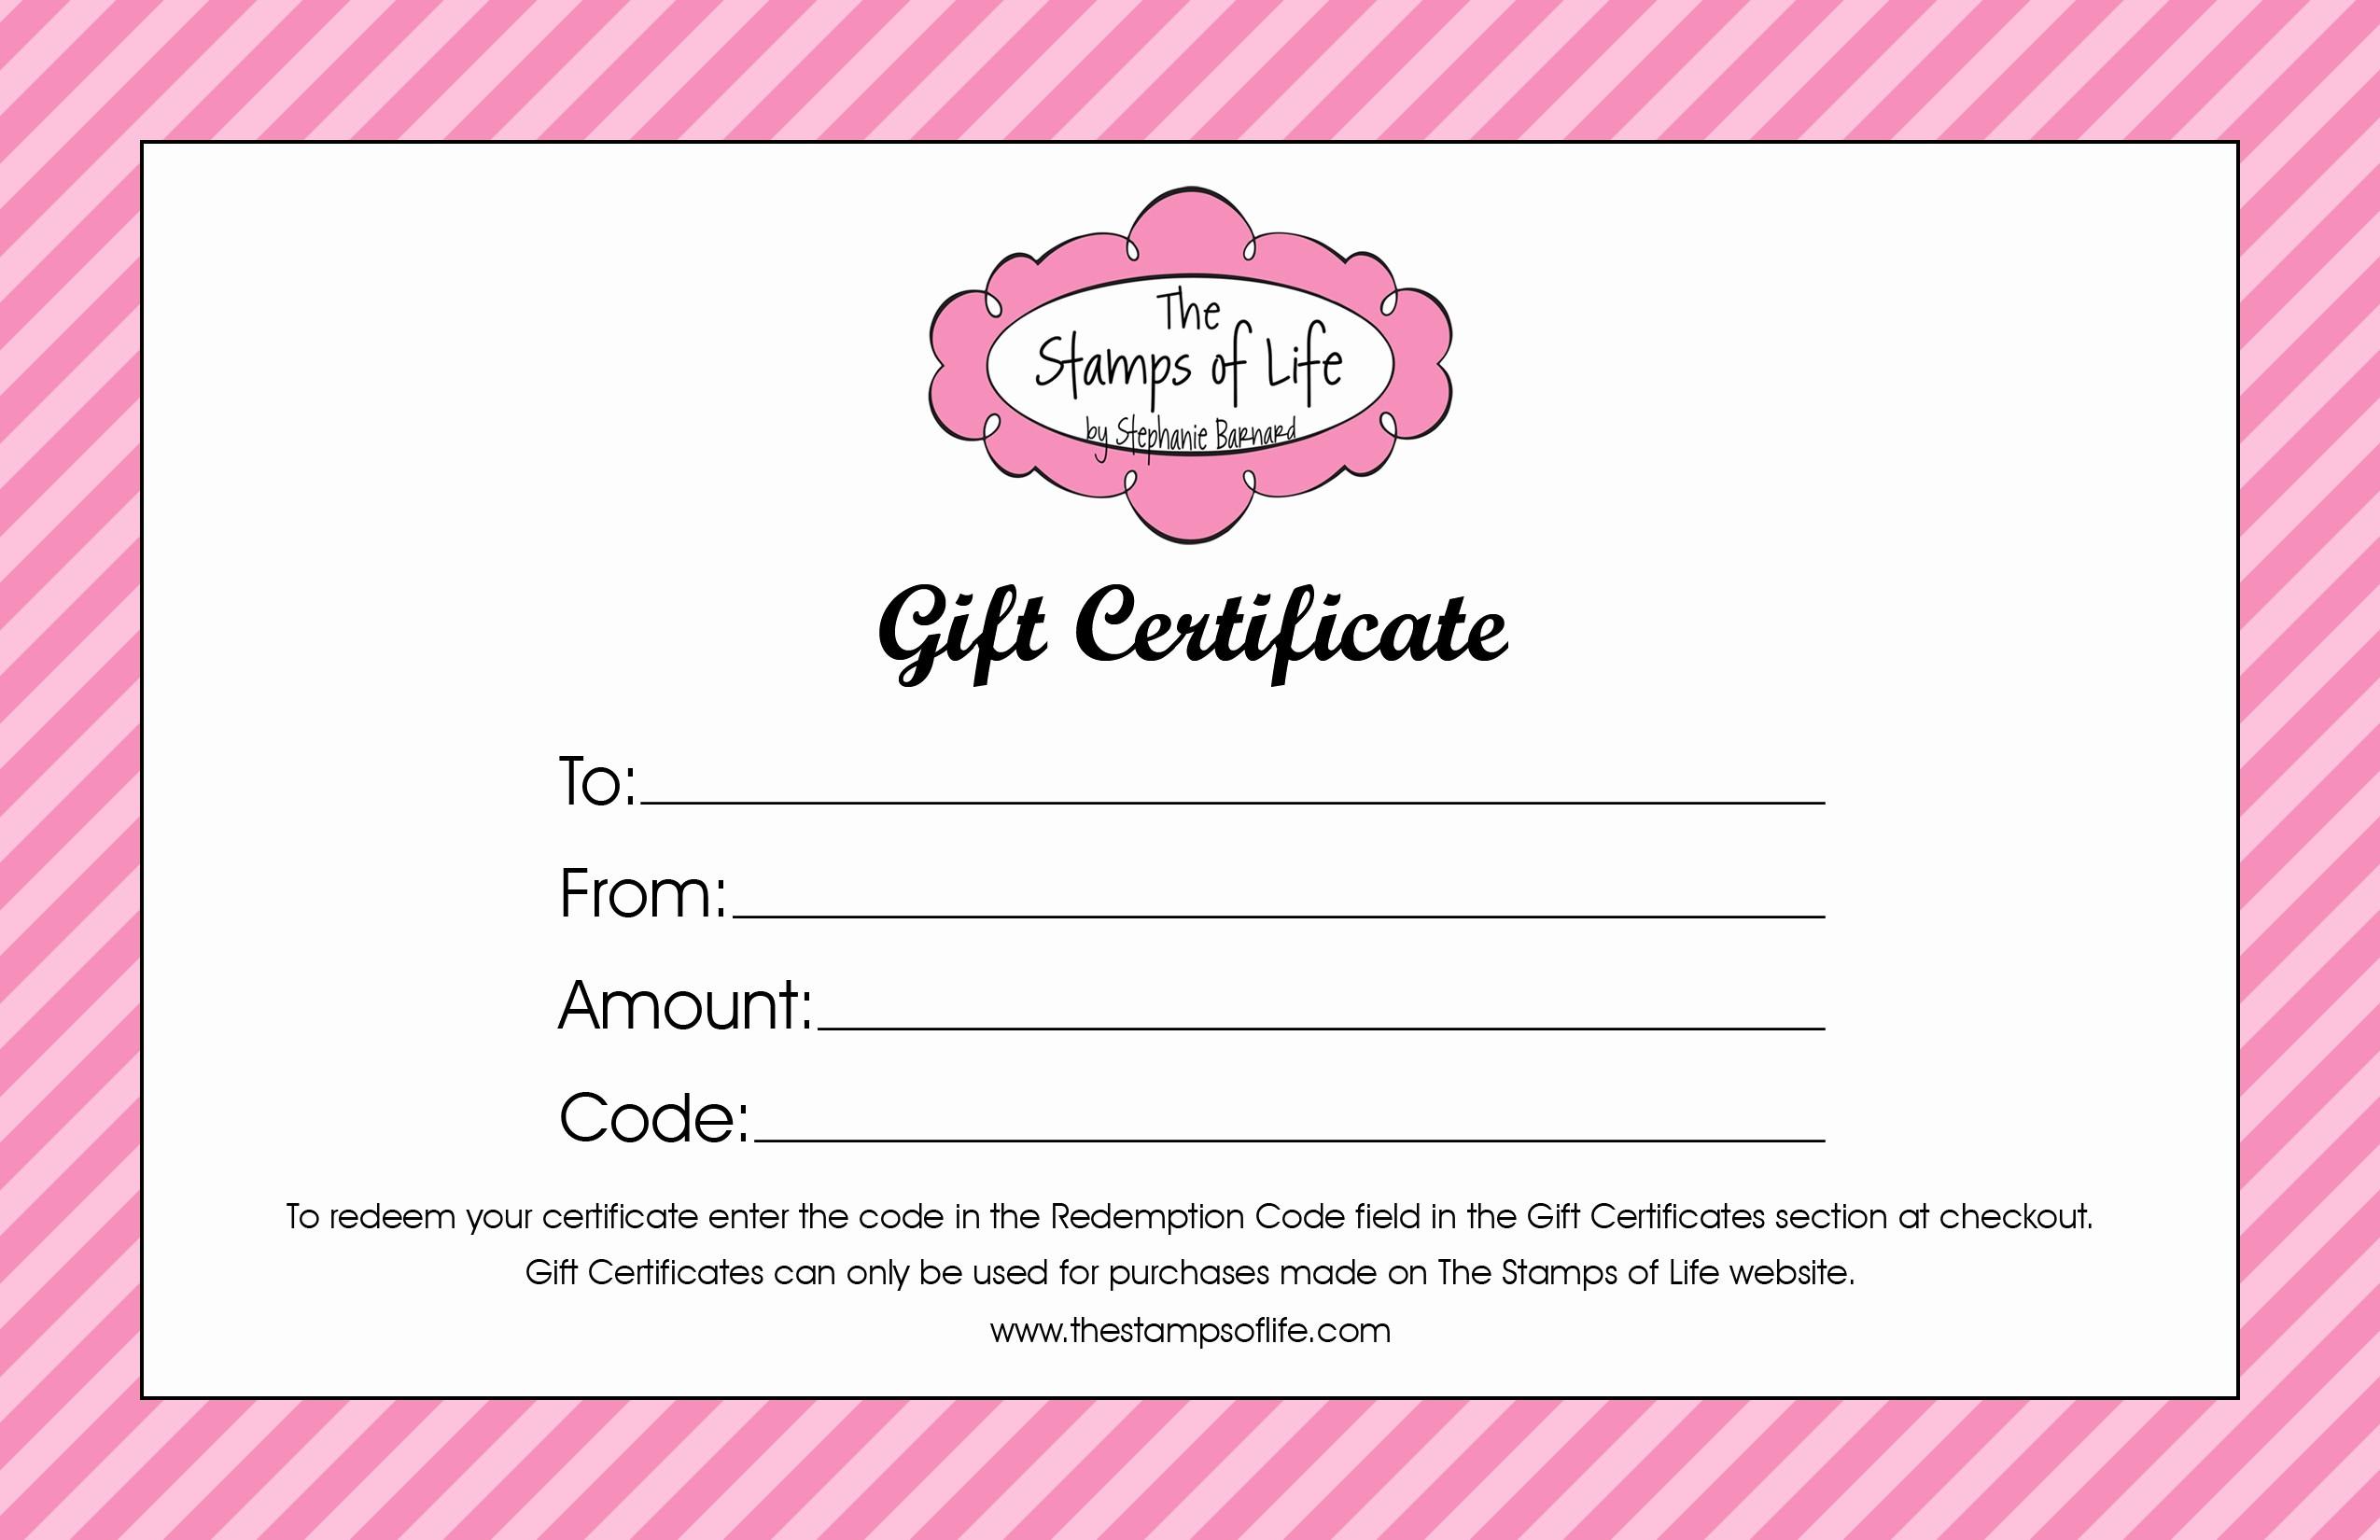 Making Gift Certificates Online Free Elegant 21 Free Free Gift Certificate Templates Word Excel formats